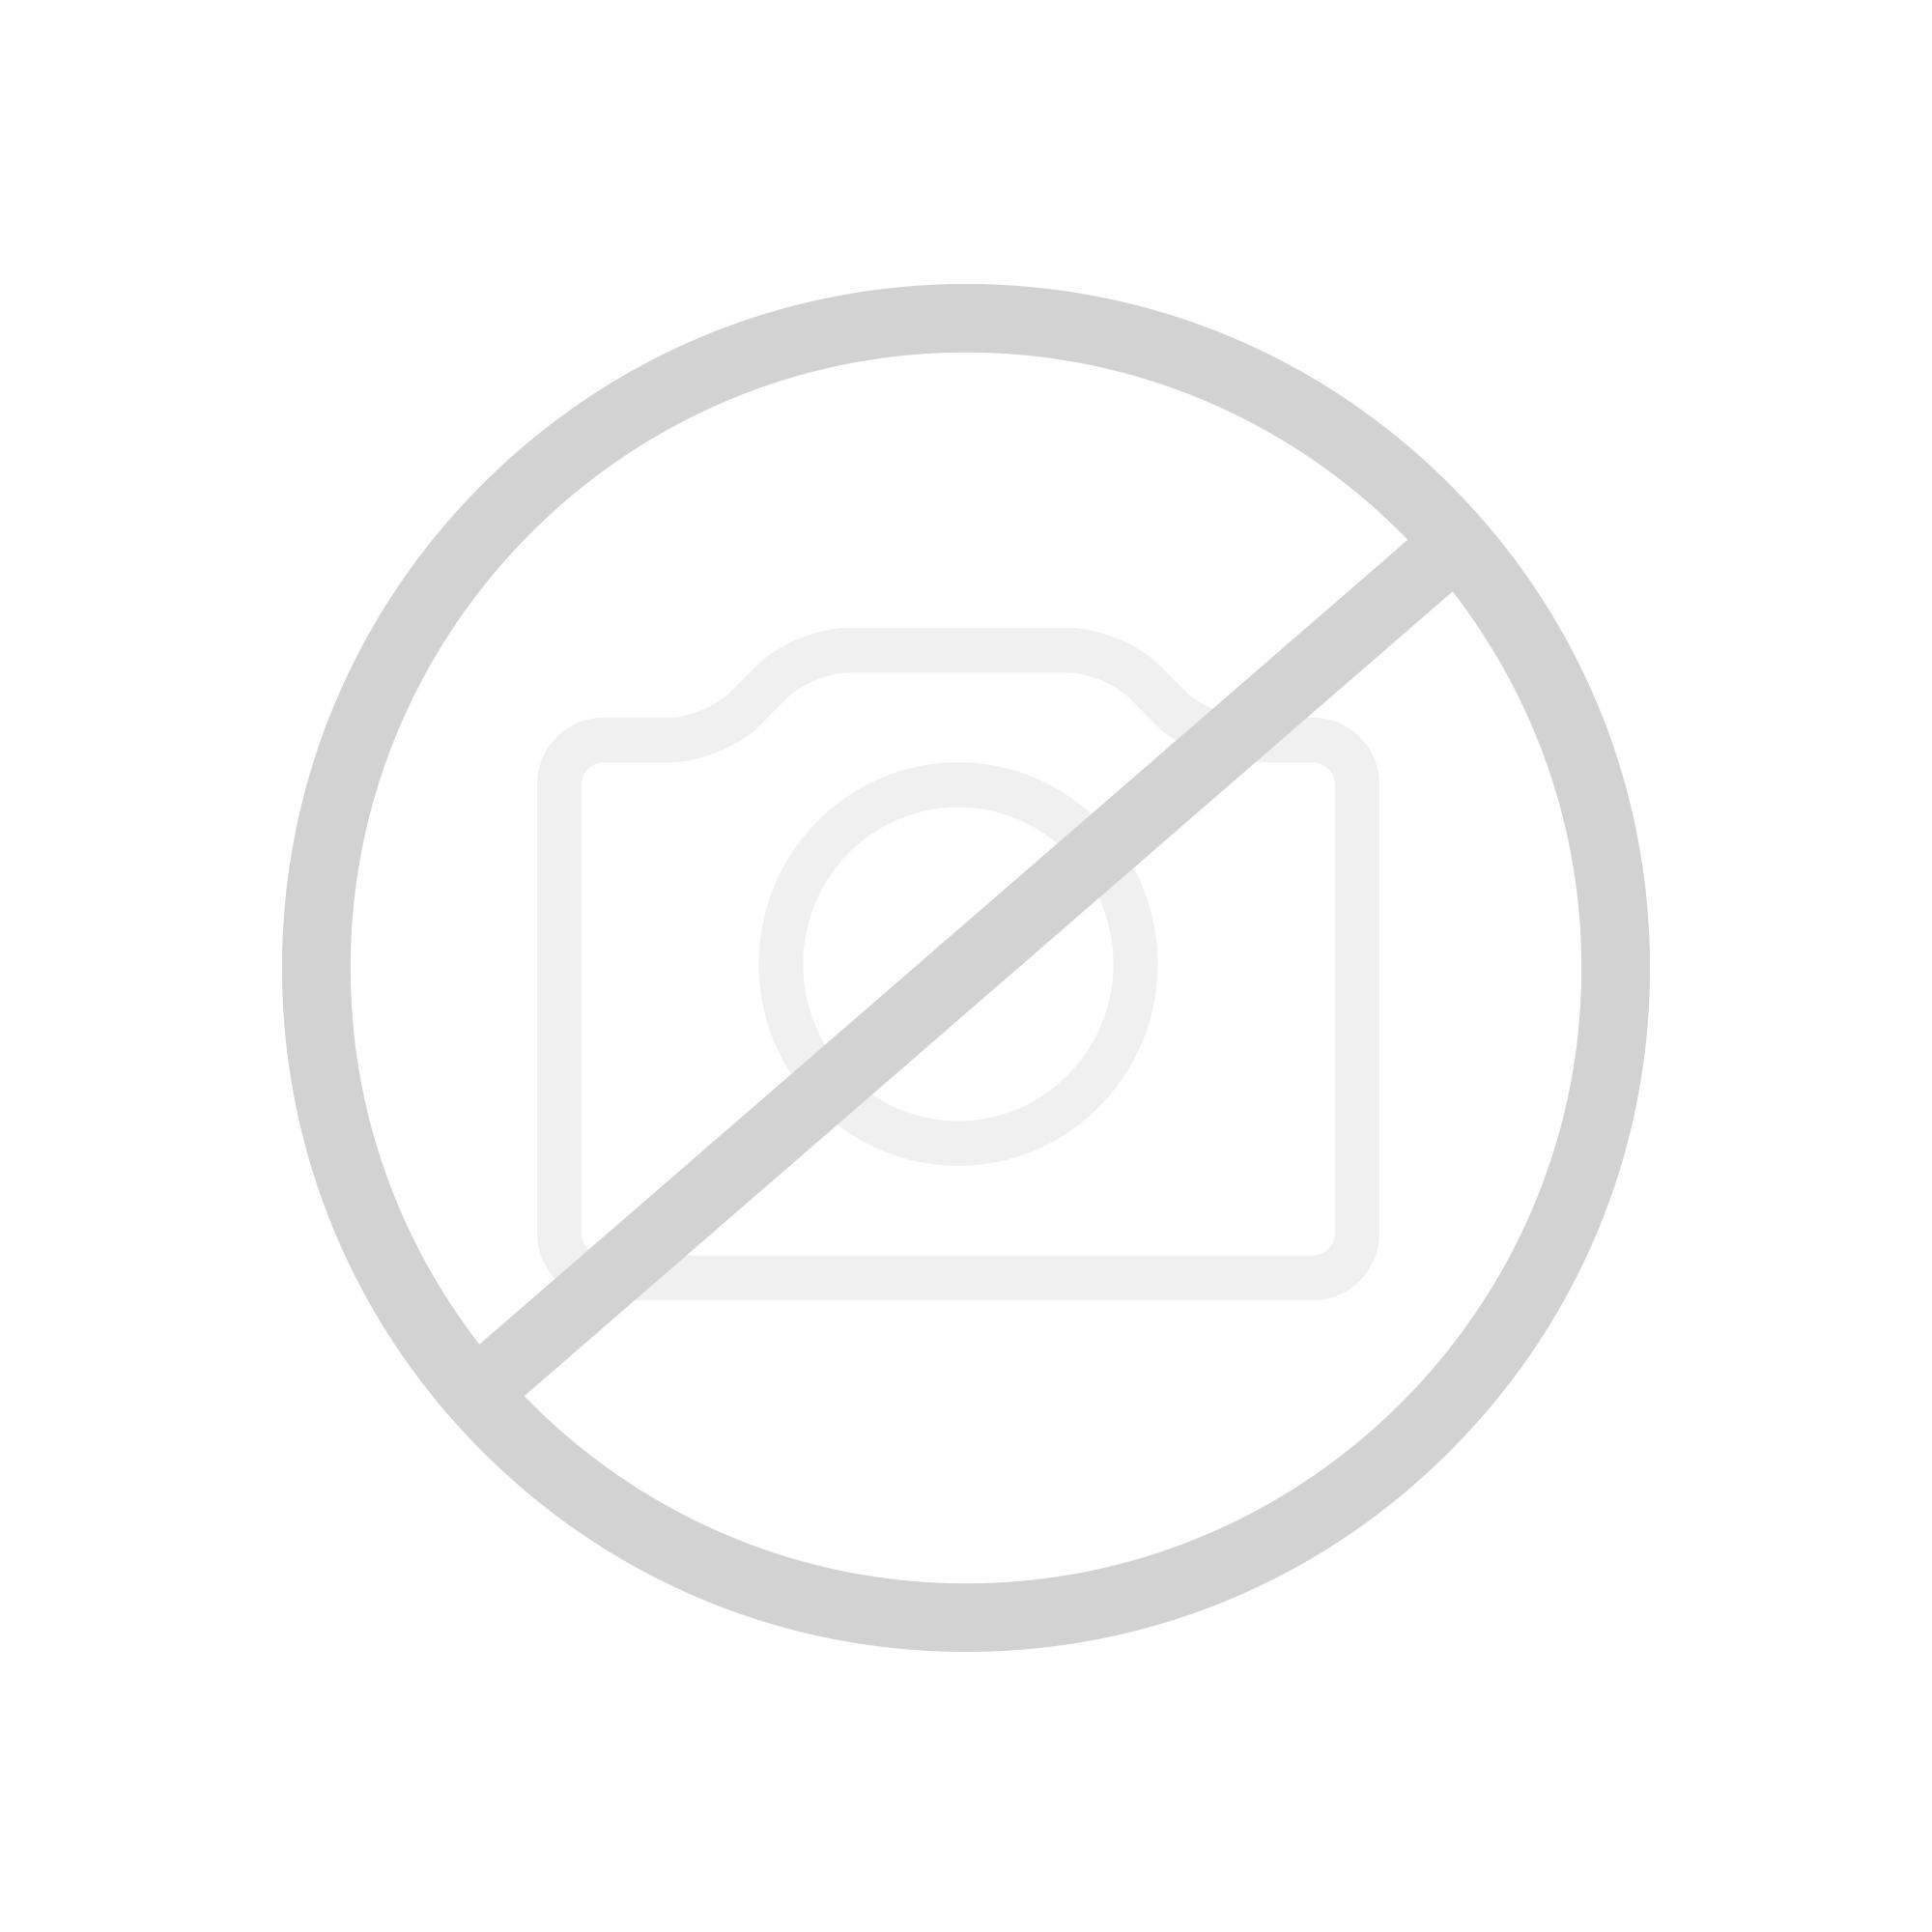 Hansgrohe Metris Einhebel-Waschtischmischer 230, mit Schwenkauslauf, ohne Ablaufgarnitur